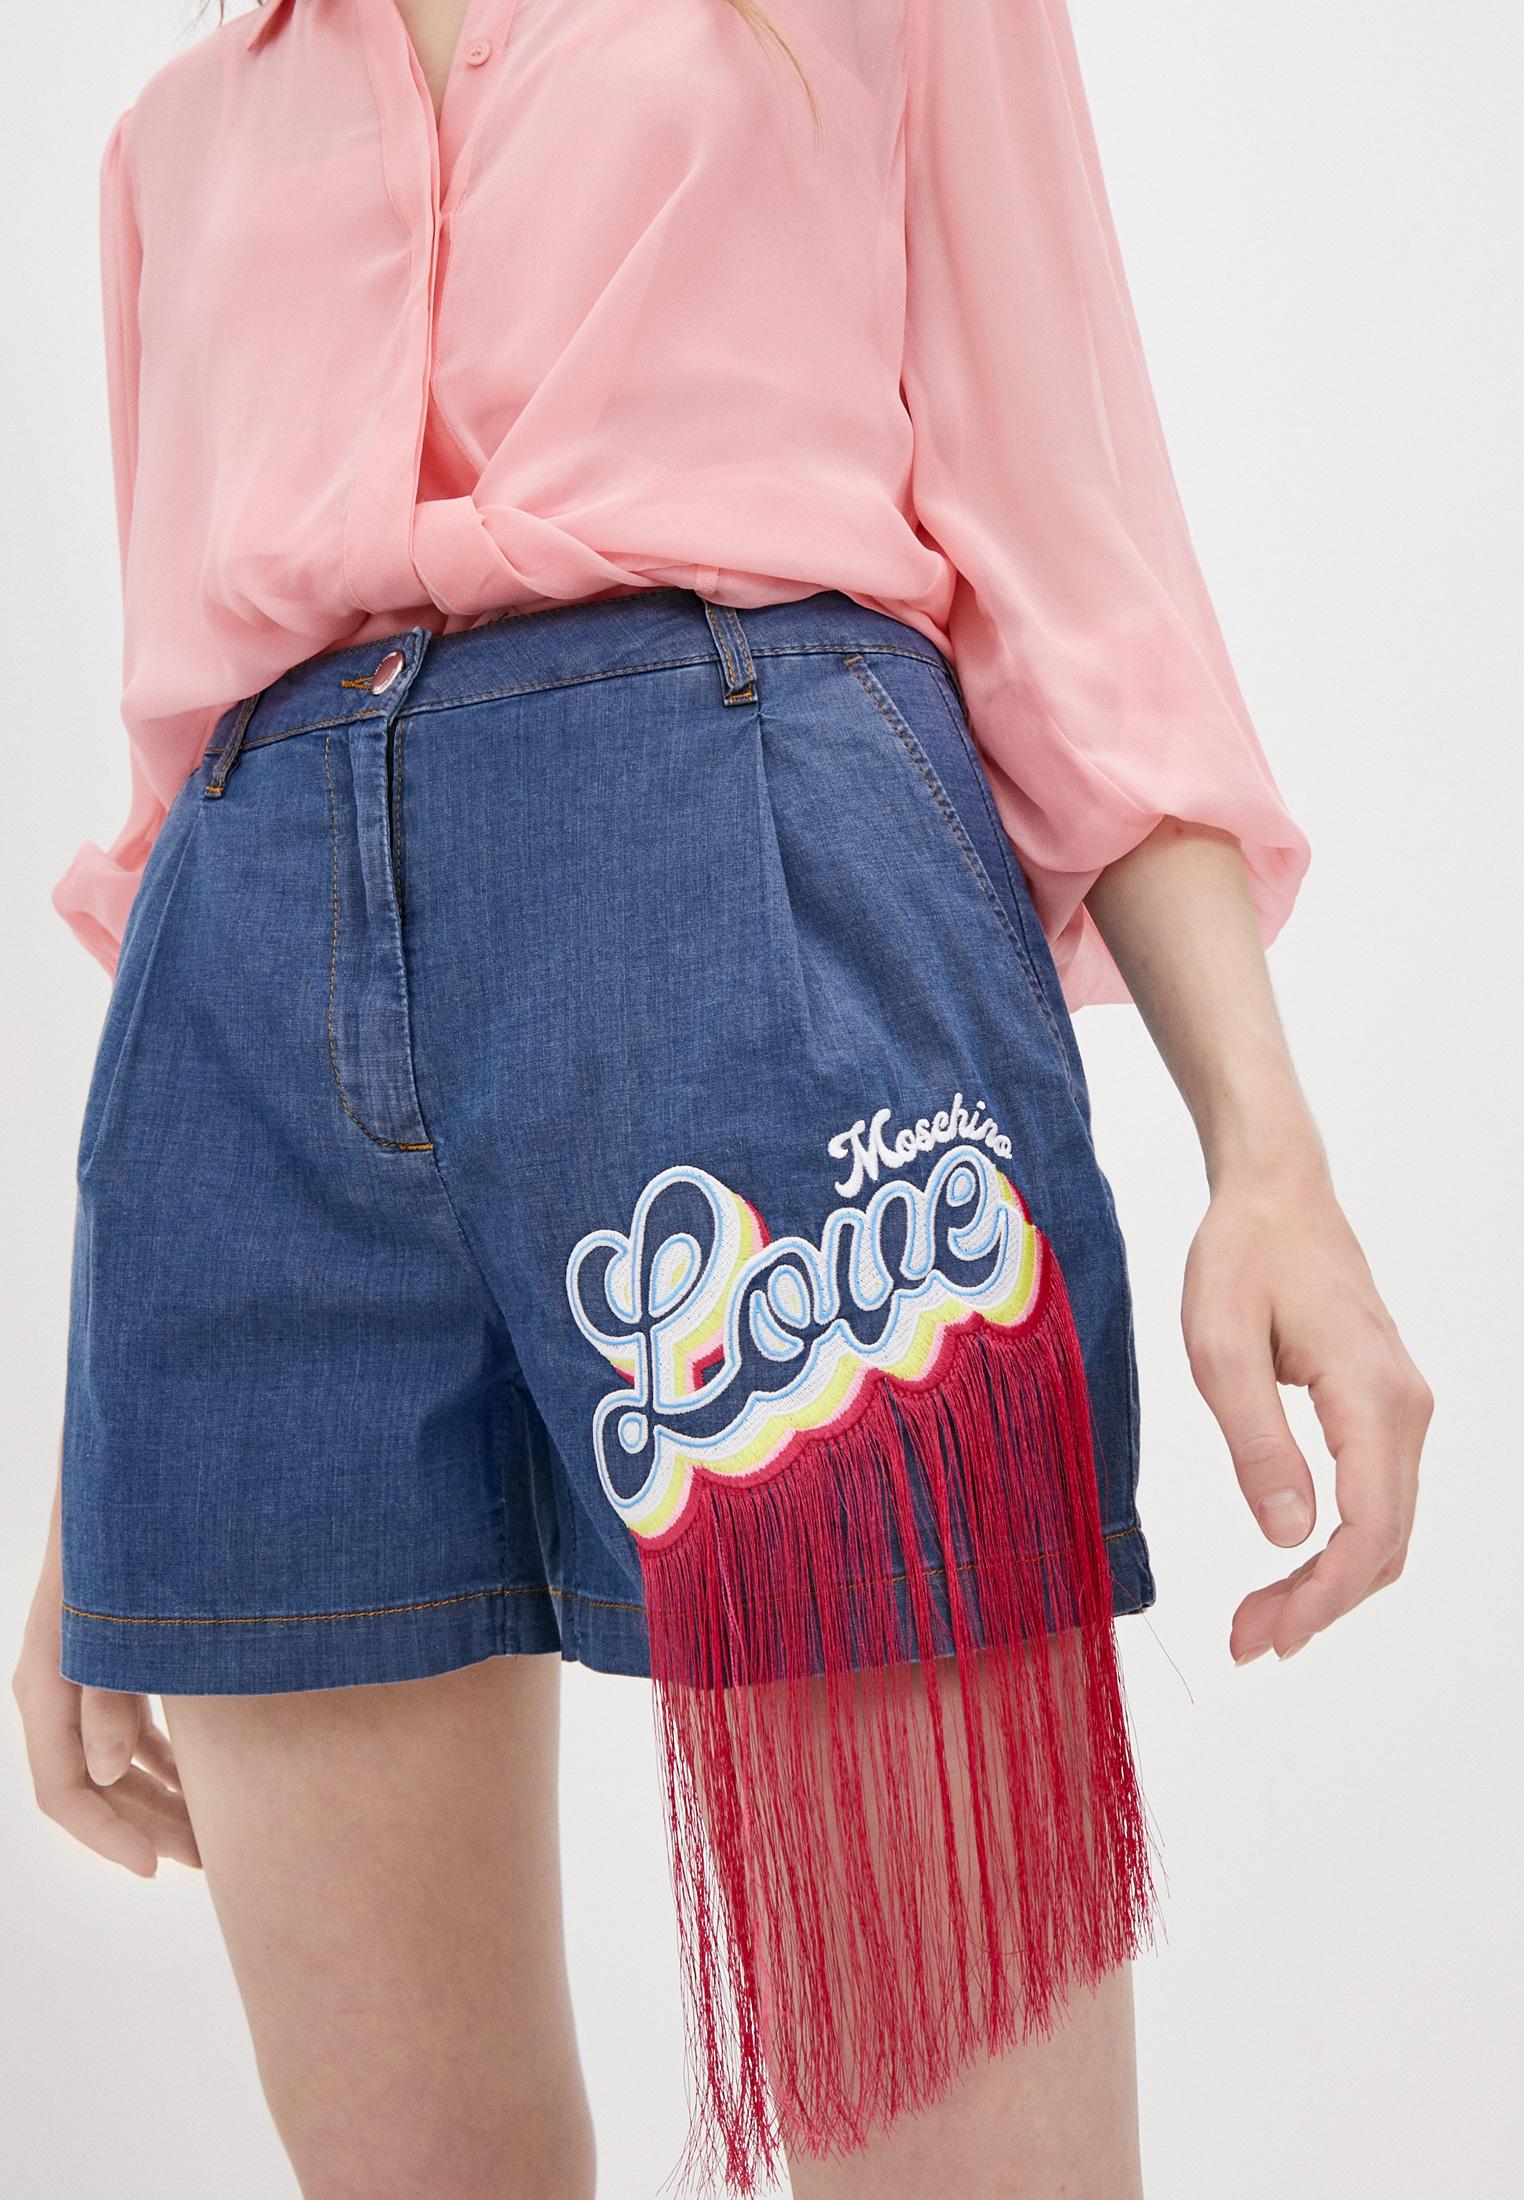 Женские джинсовые шорты Love Moschino Шорты джинсовые Love Moschino